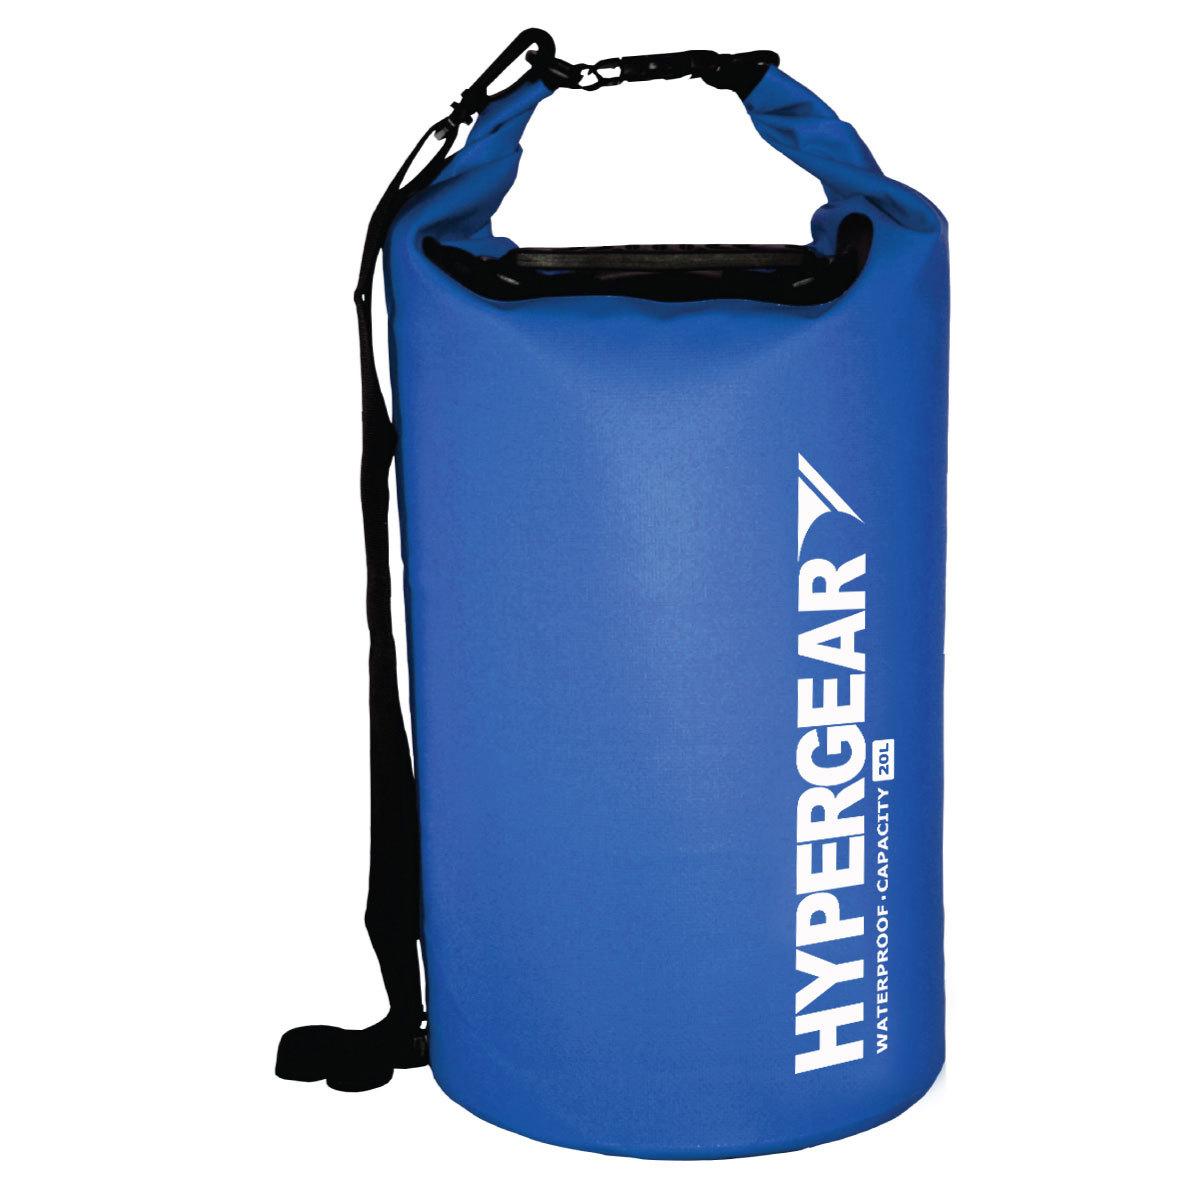 Hypergear  Waterproof 20L dry bags